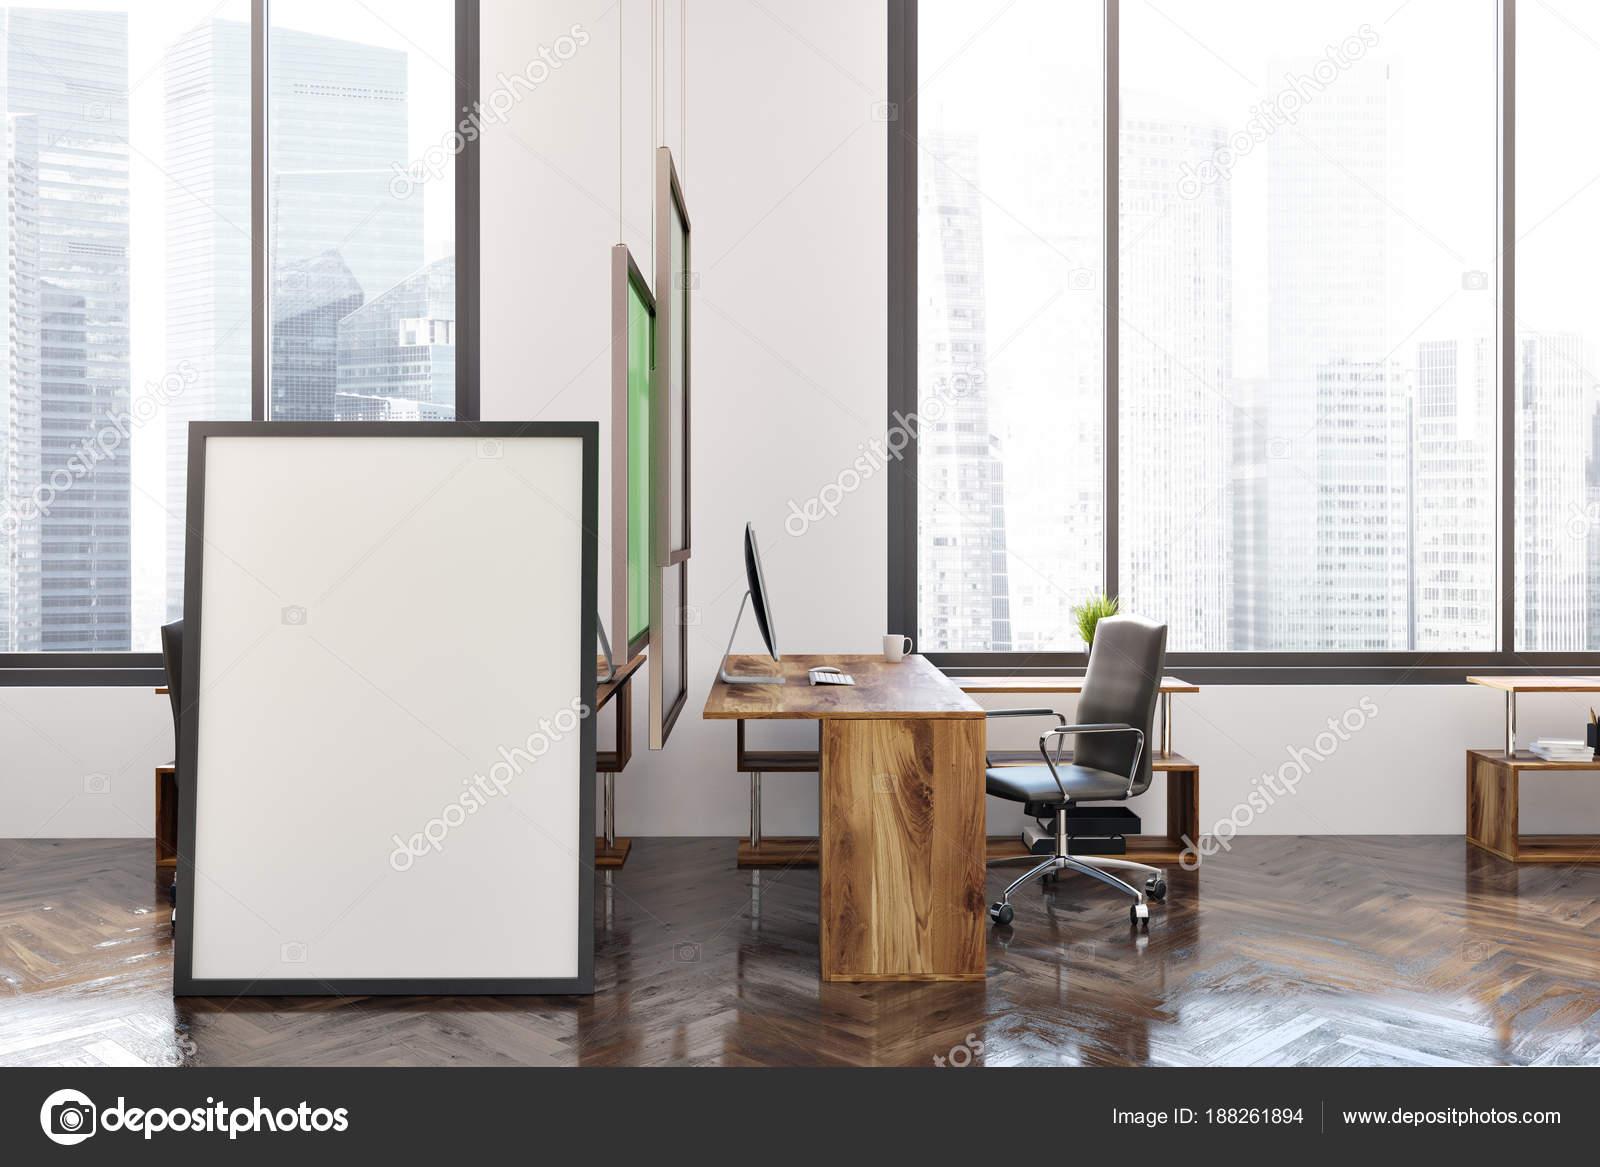 Verticale poster in een witte kantoor interieur u stockfoto